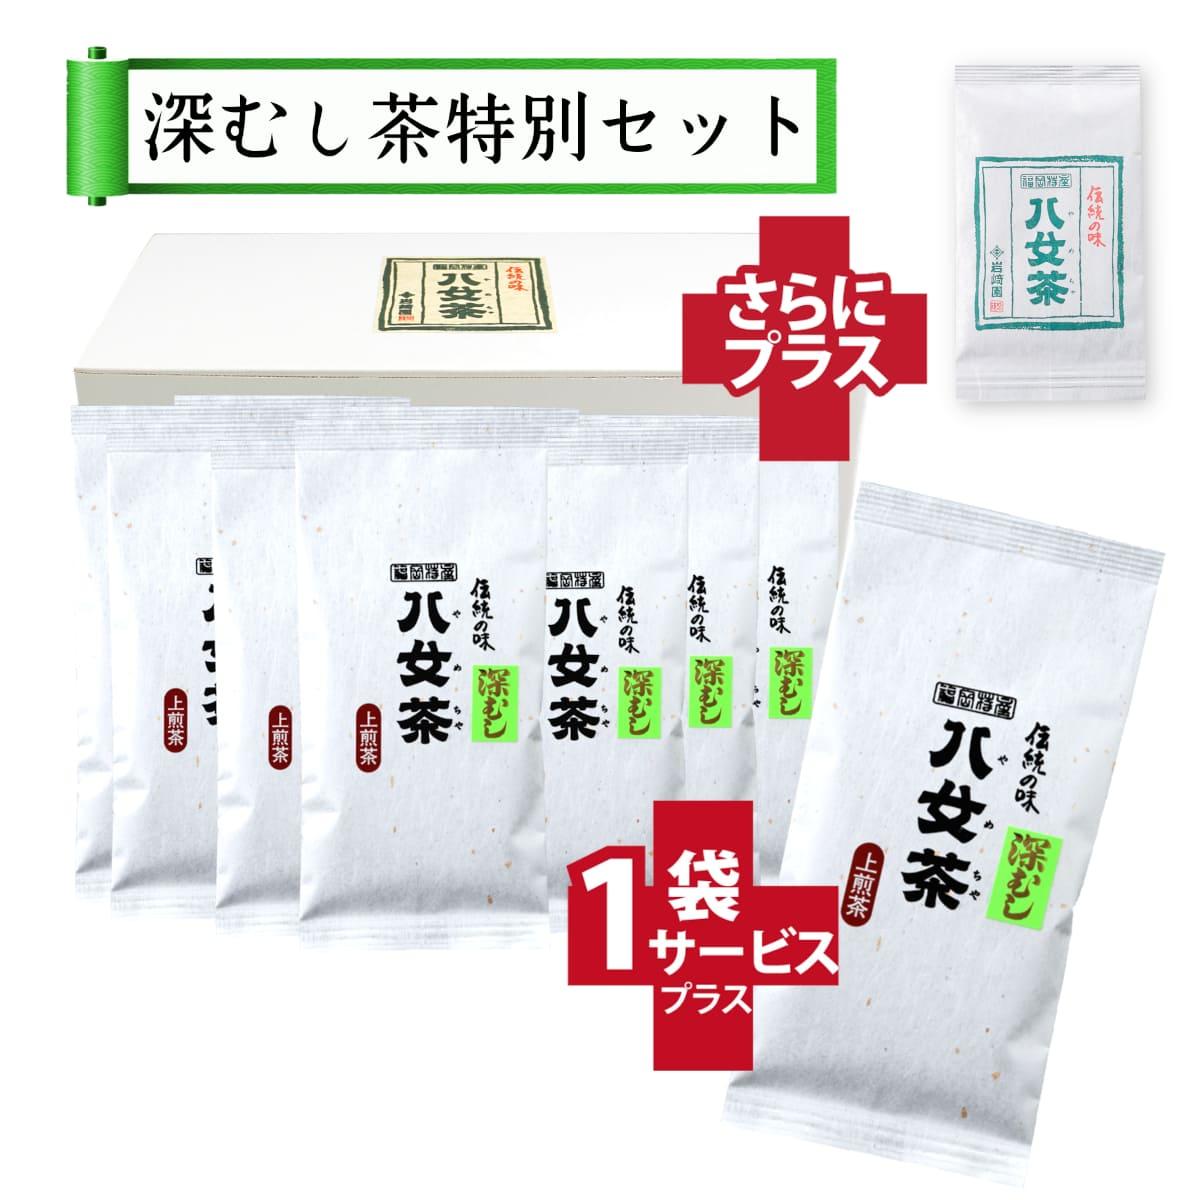 【T-64・ト】マイルド深むし上煎茶 10+1袋+プレゼント品